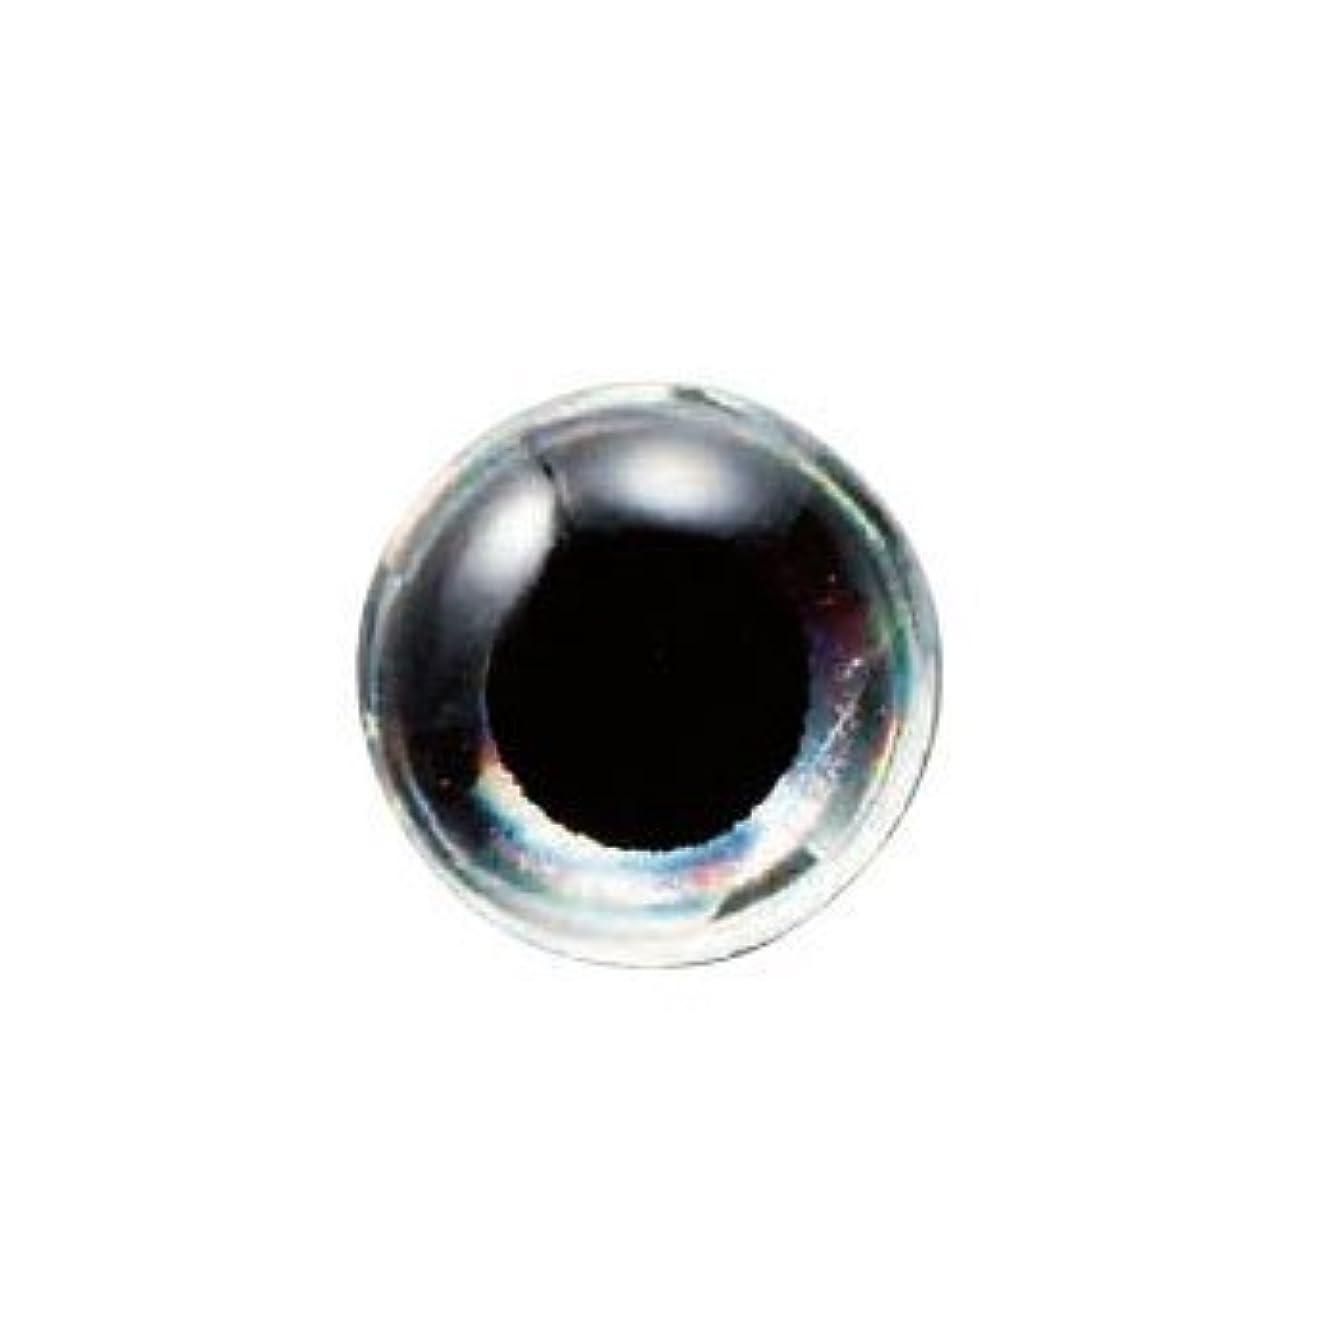 テーマ拍手するフロント【NAKAZIMA/ナカジマ】アイボールシート ワッペンタイプ  6mm 黒銀 6849 068498